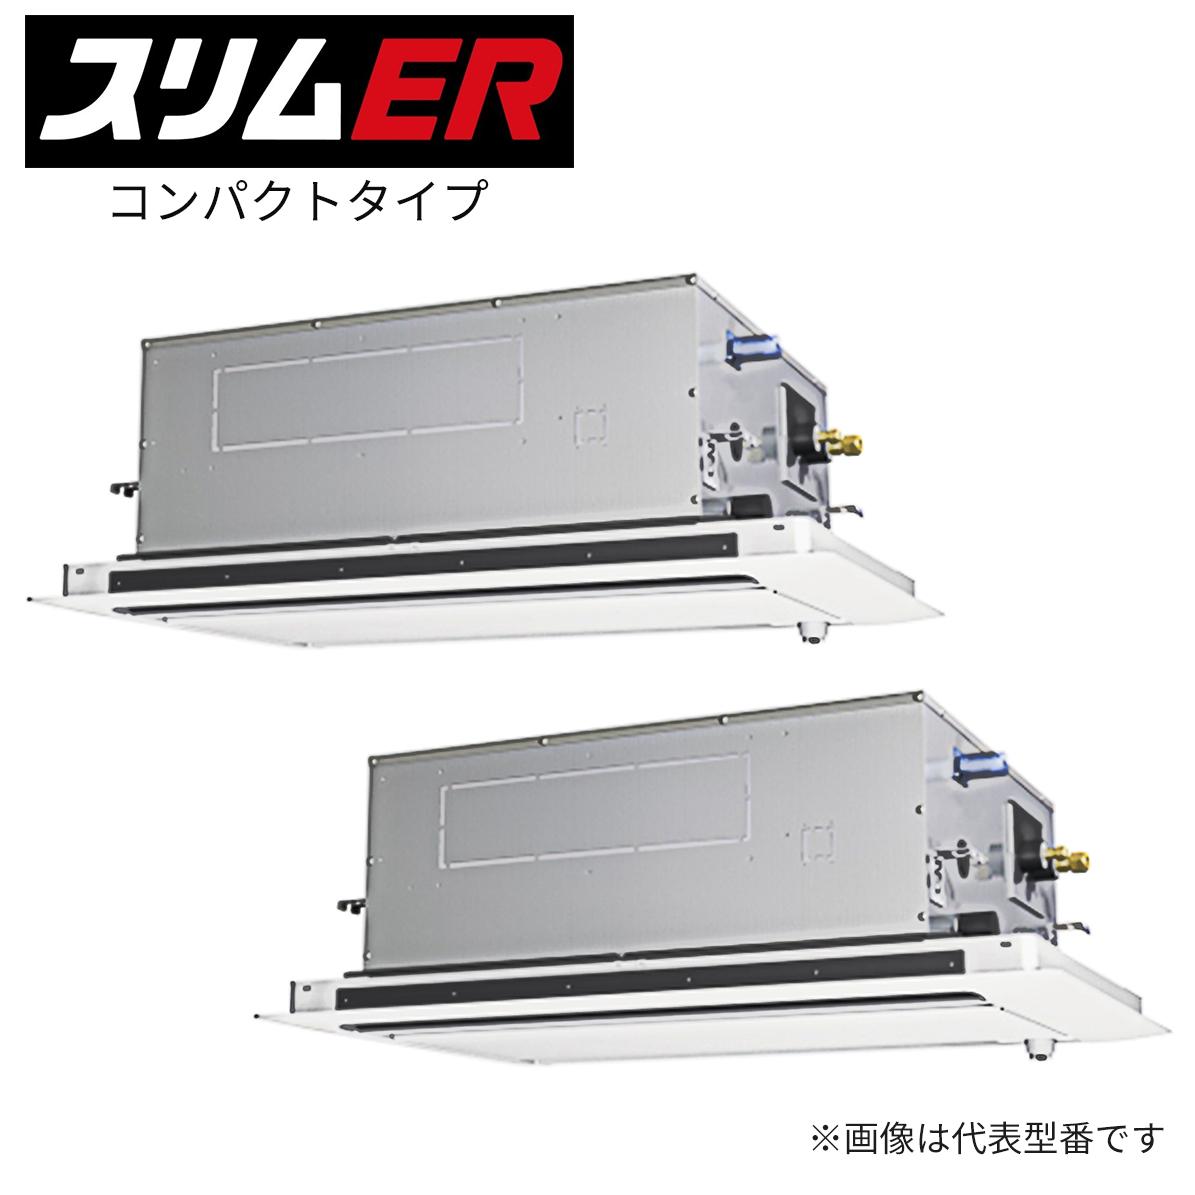 ###三菱 業務用エアコン【PLZX-ERMP160LET】スリムER コンパクトタイプ 2方向天井カセット形 同時ツイン 三相200V 6馬力